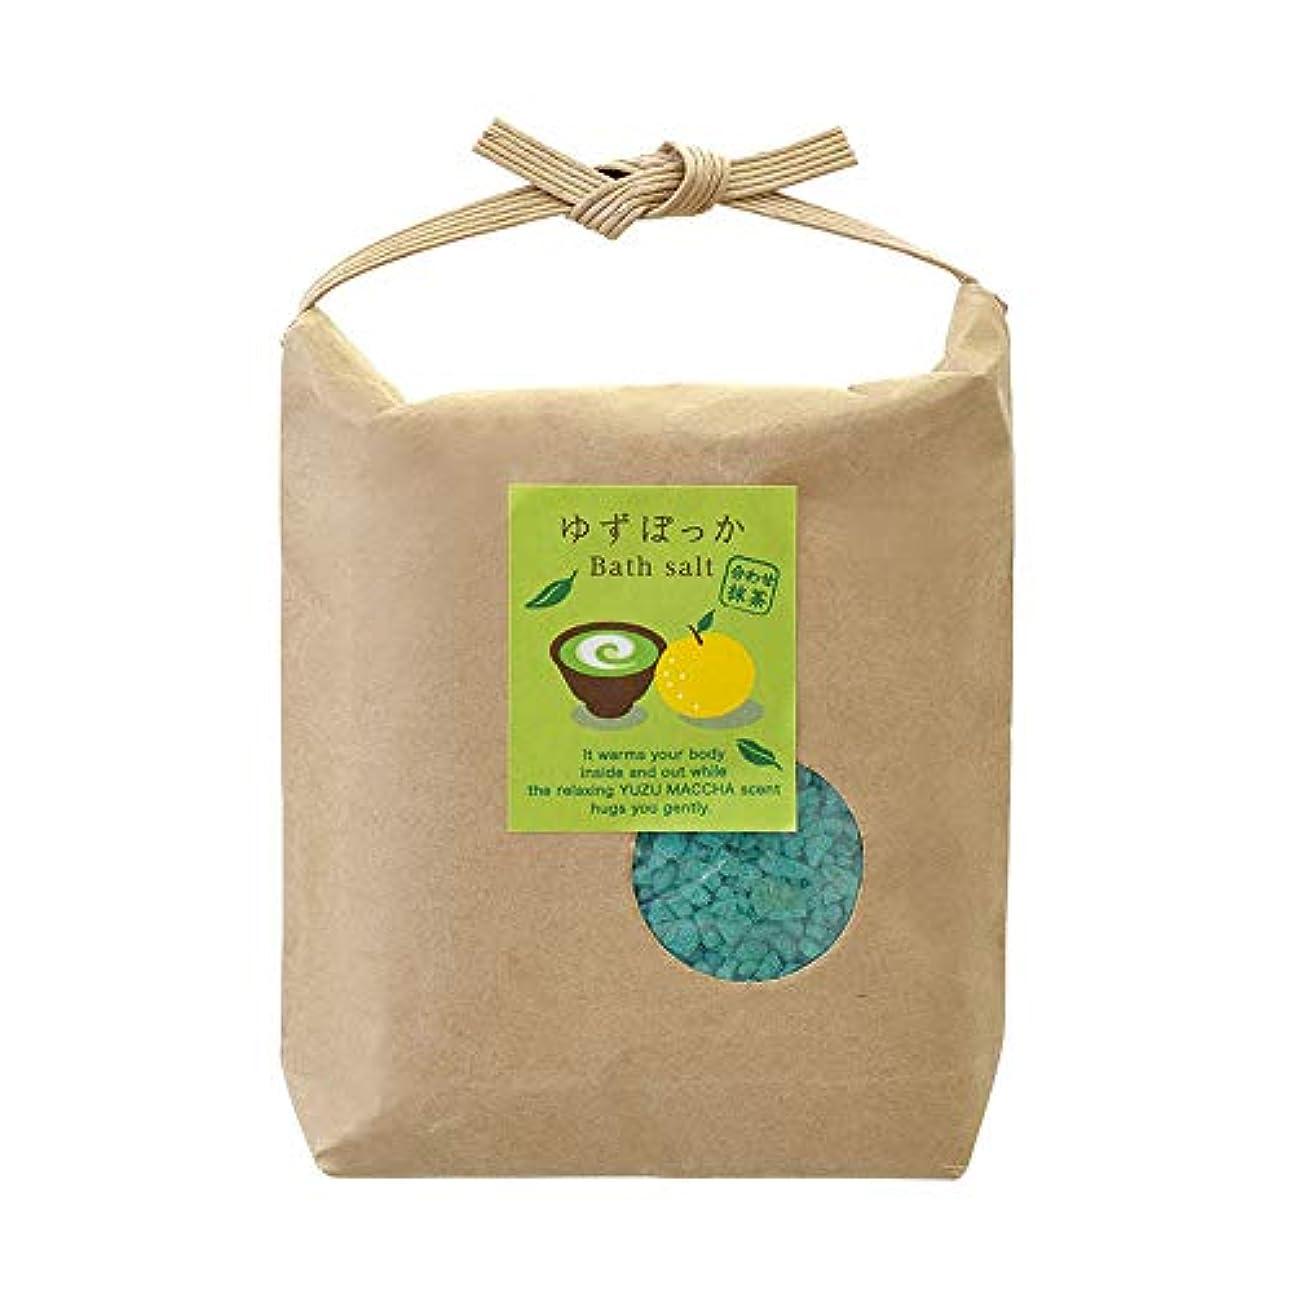 広大な露出度の高い昇るゆずぽっか バスソルト 結び 入浴剤 ゆず抹茶の香り 200g